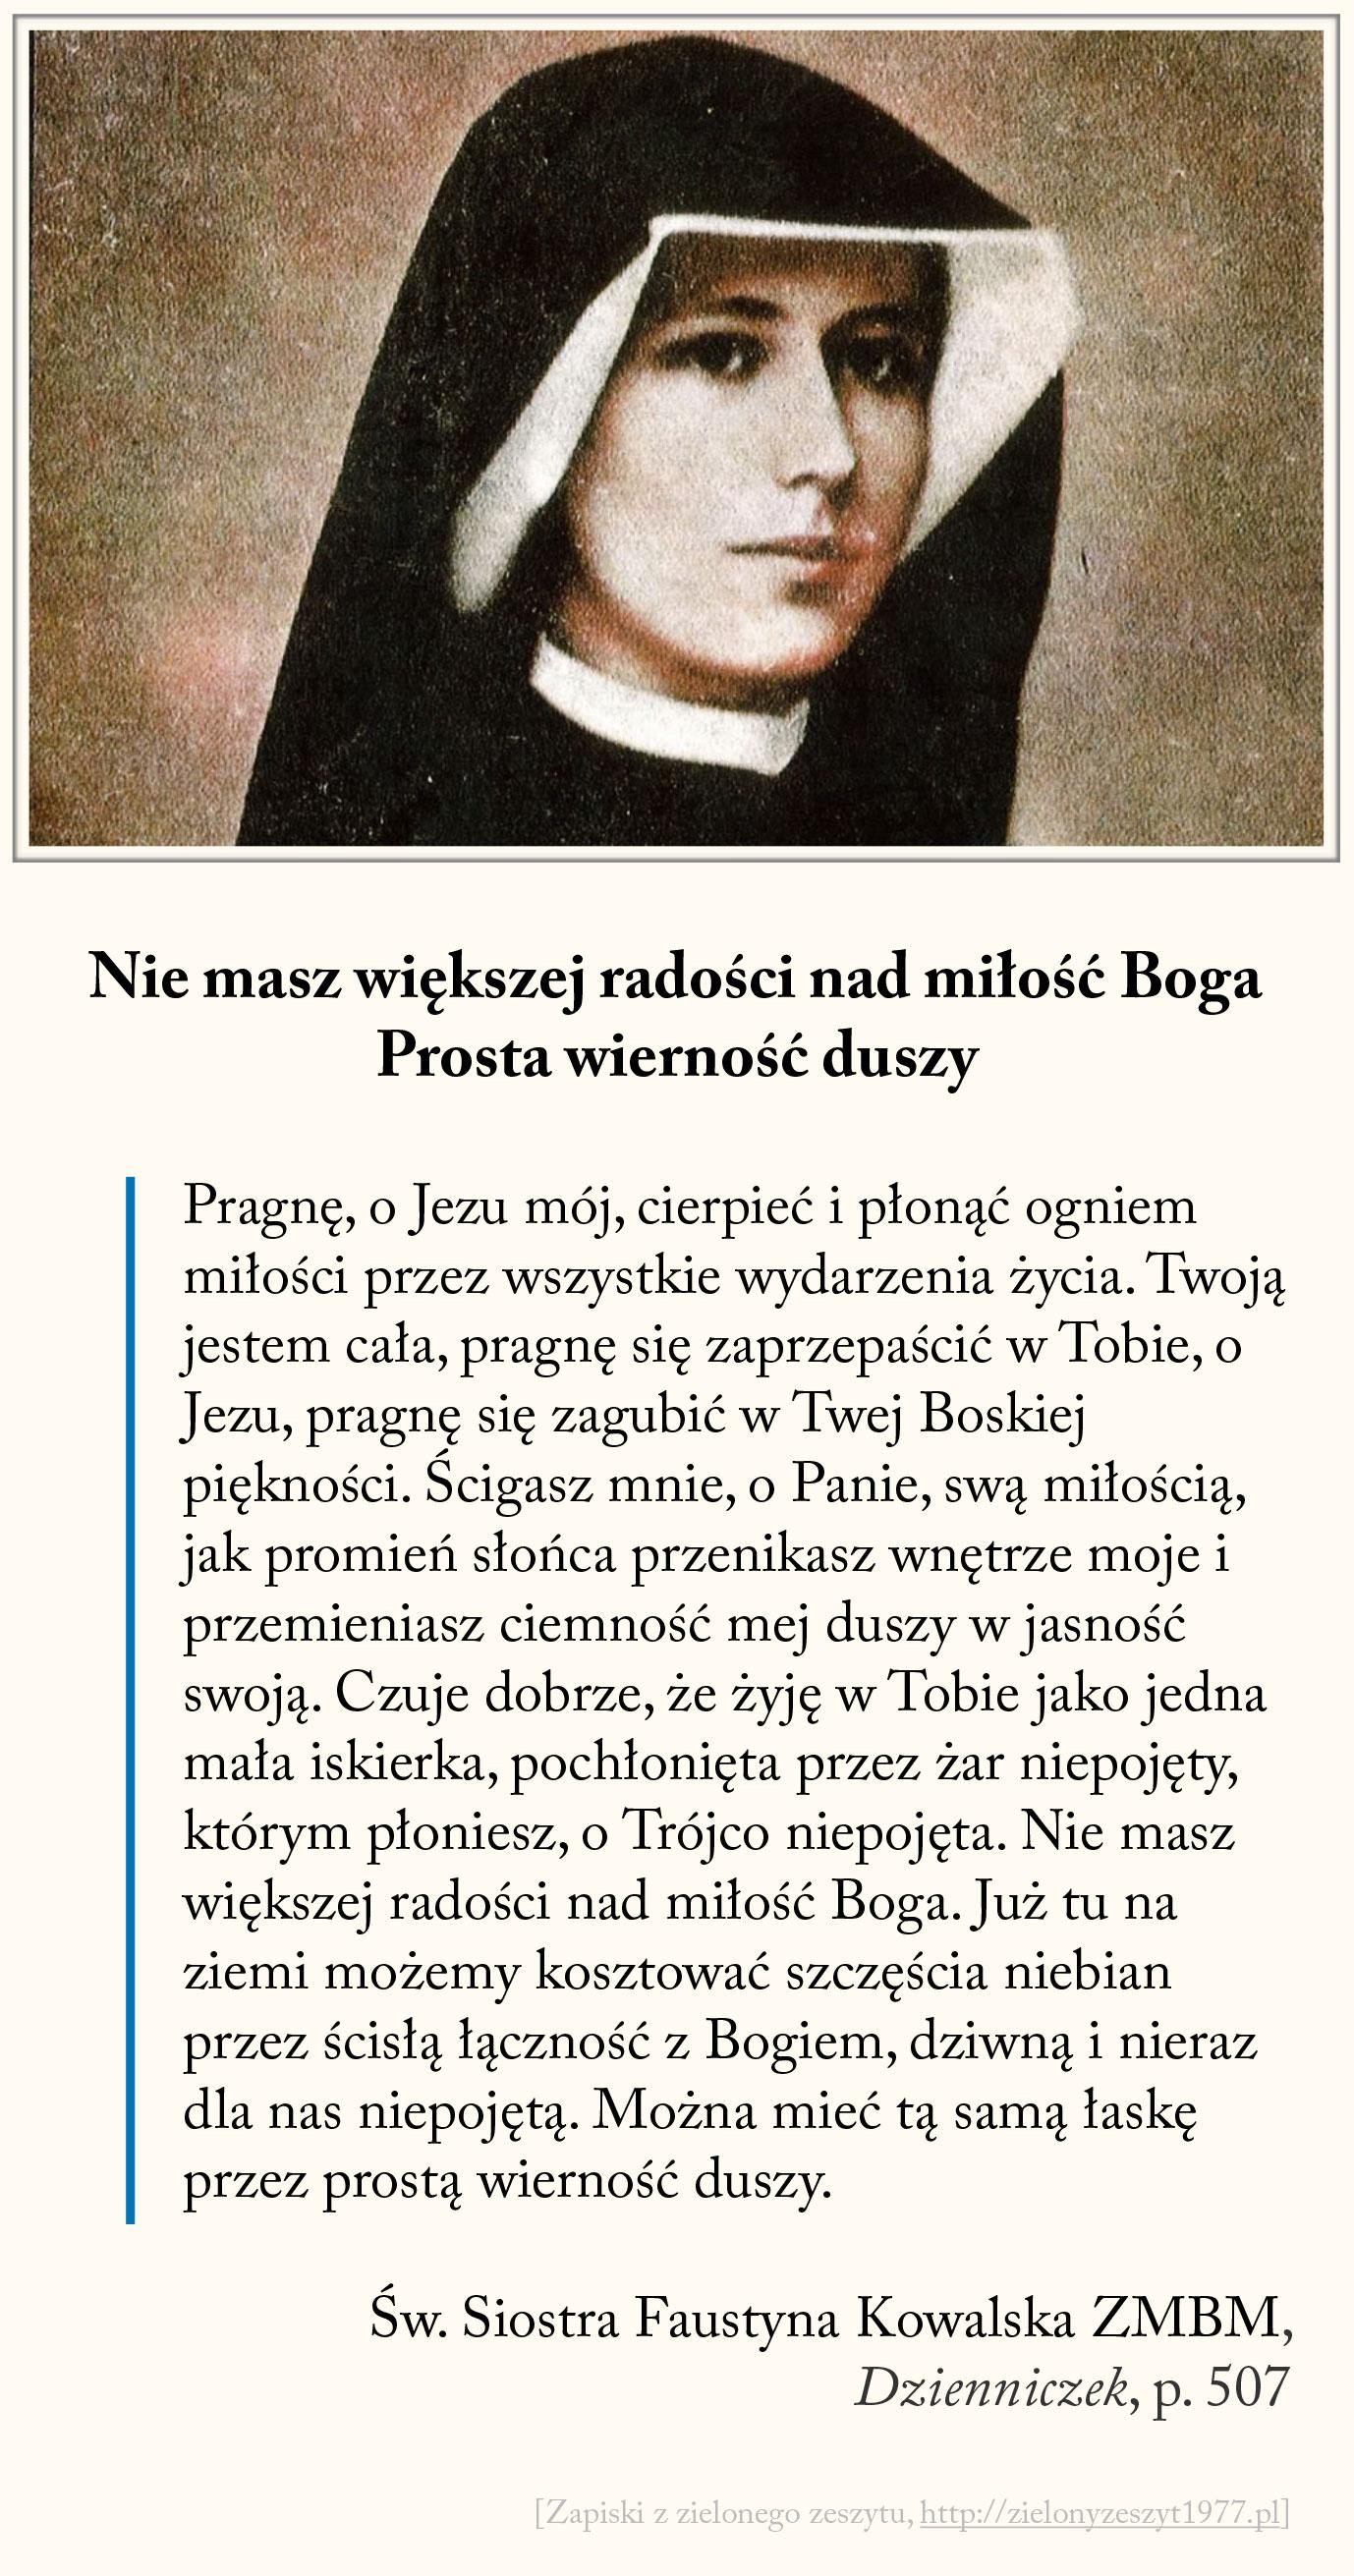 Nie masz większej radości nad miłość Boga, Prosta wierność duszy, św. Faustyna Kowalska